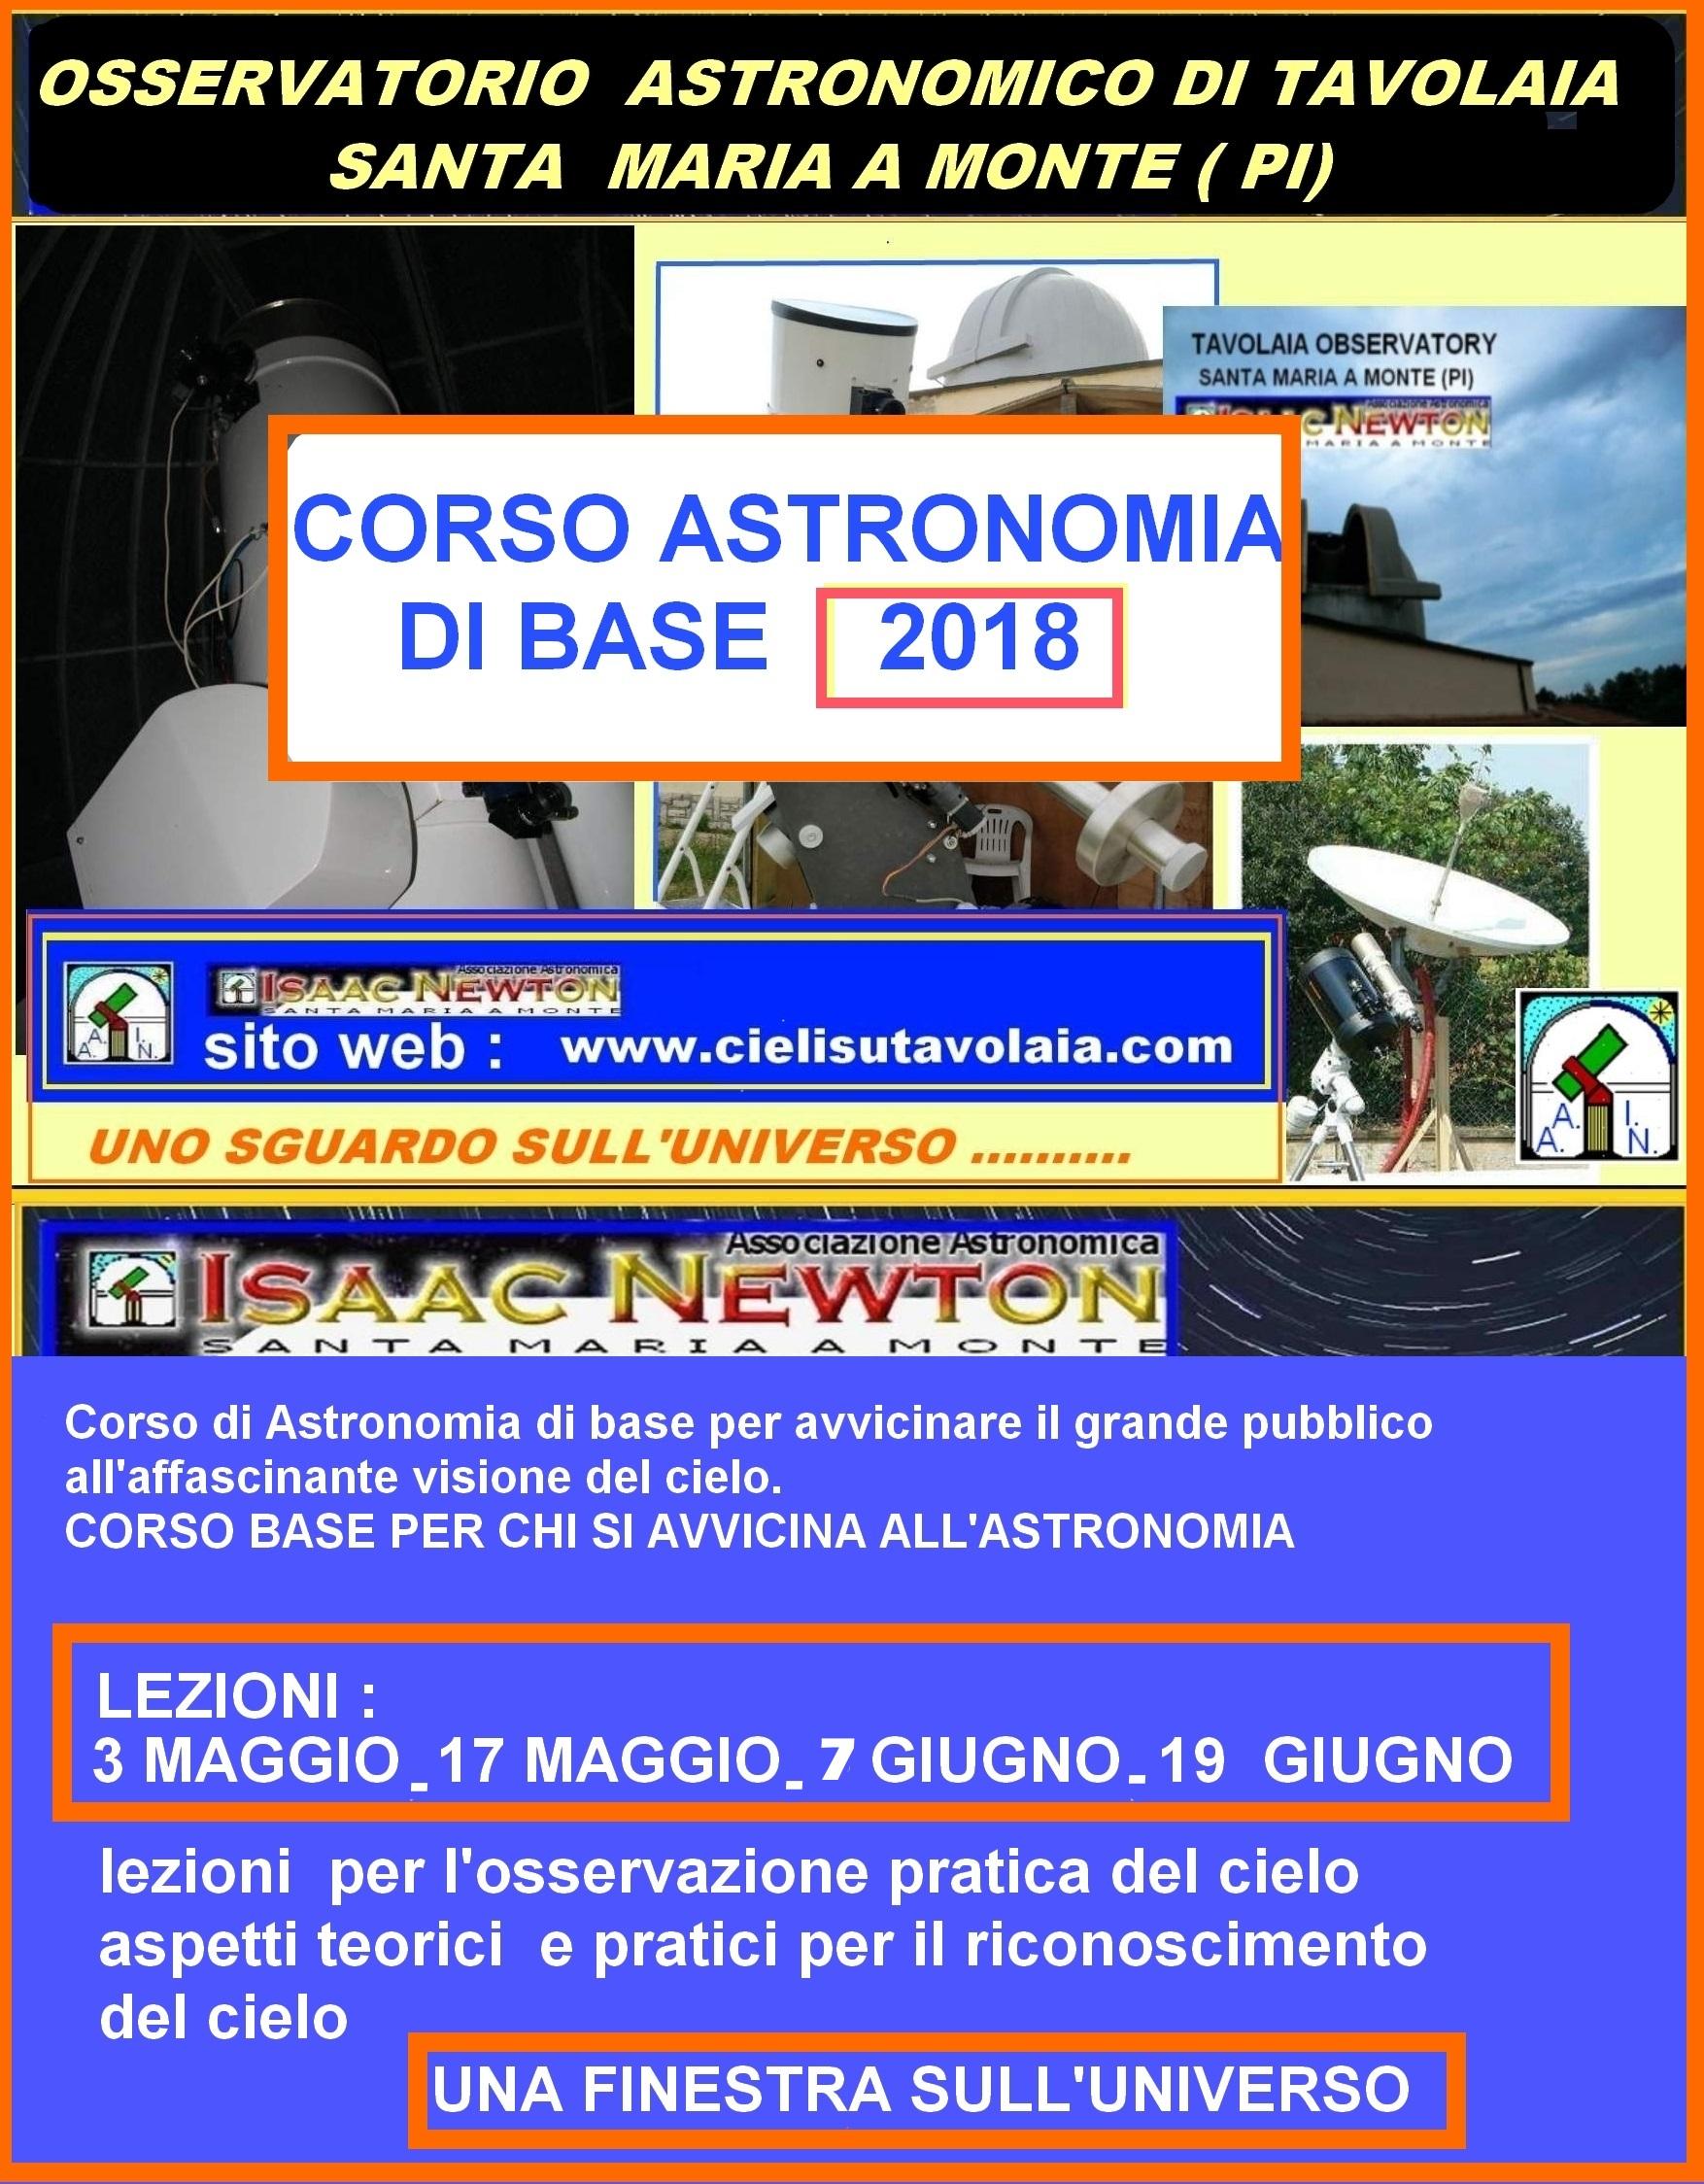 locandina-corso-astro2018.jpg